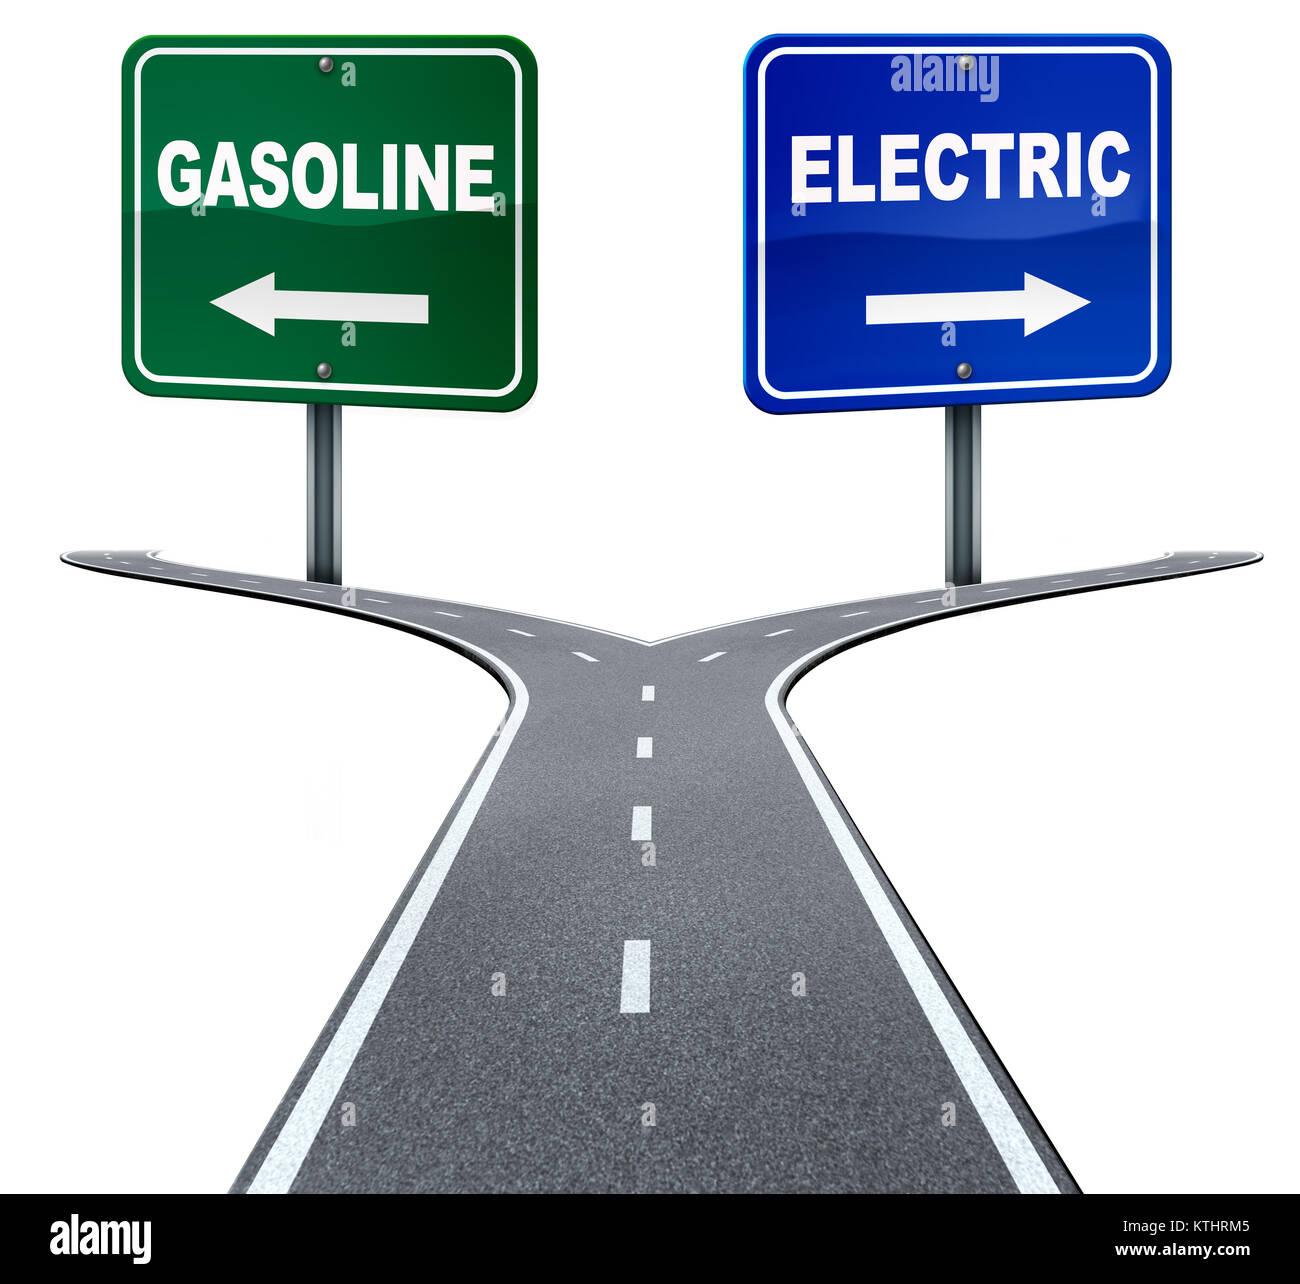 La industria de la energía eléctrica y de gasolina elección concepto en un cruce de caminos entre Imagen De Stock